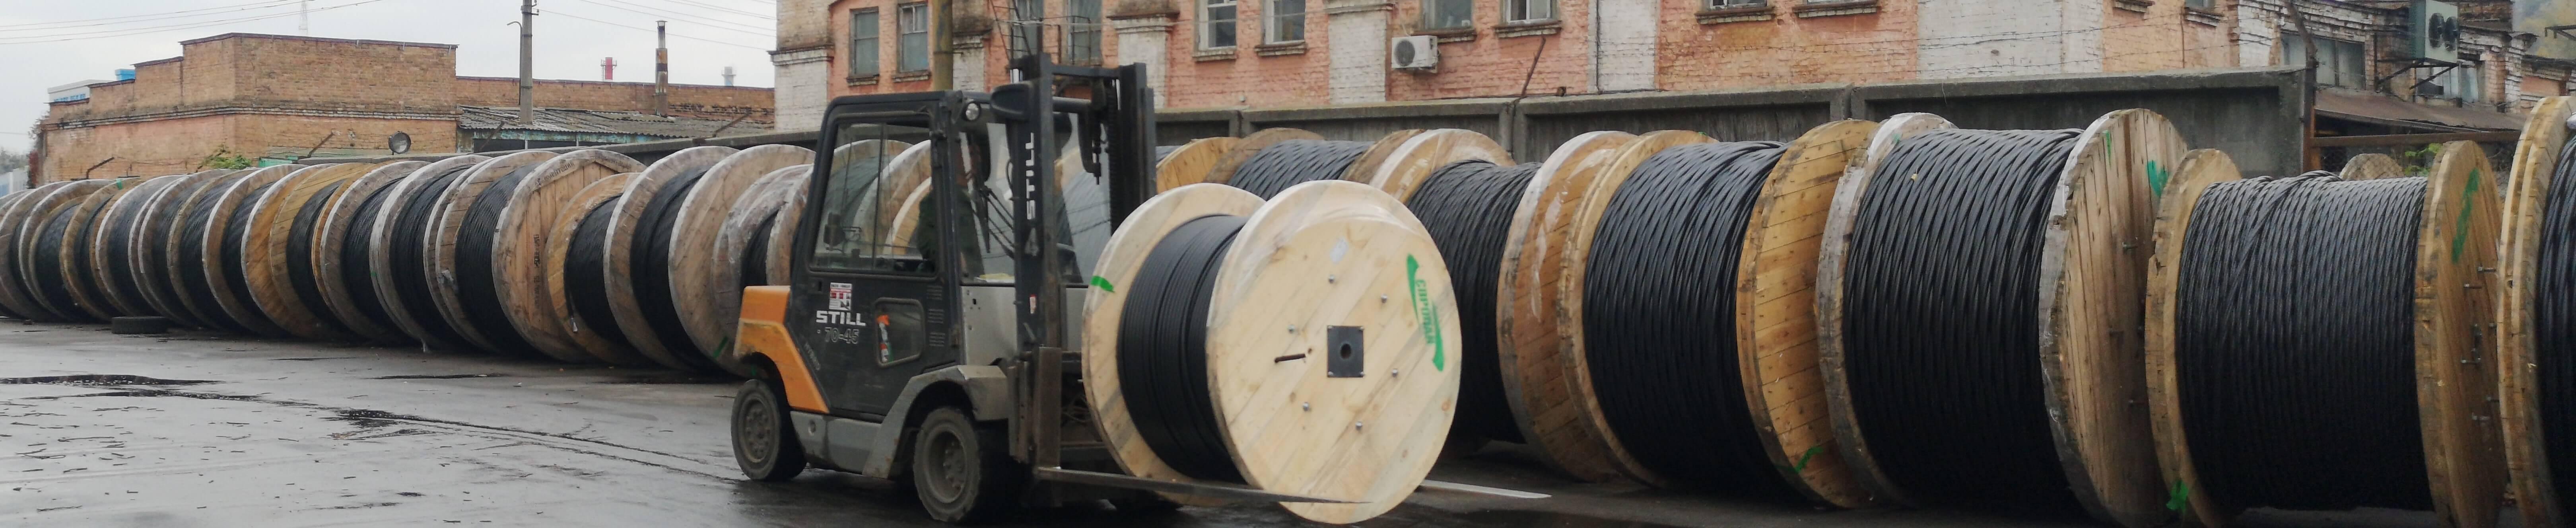 Классификация кабельно-проводниковой продукции